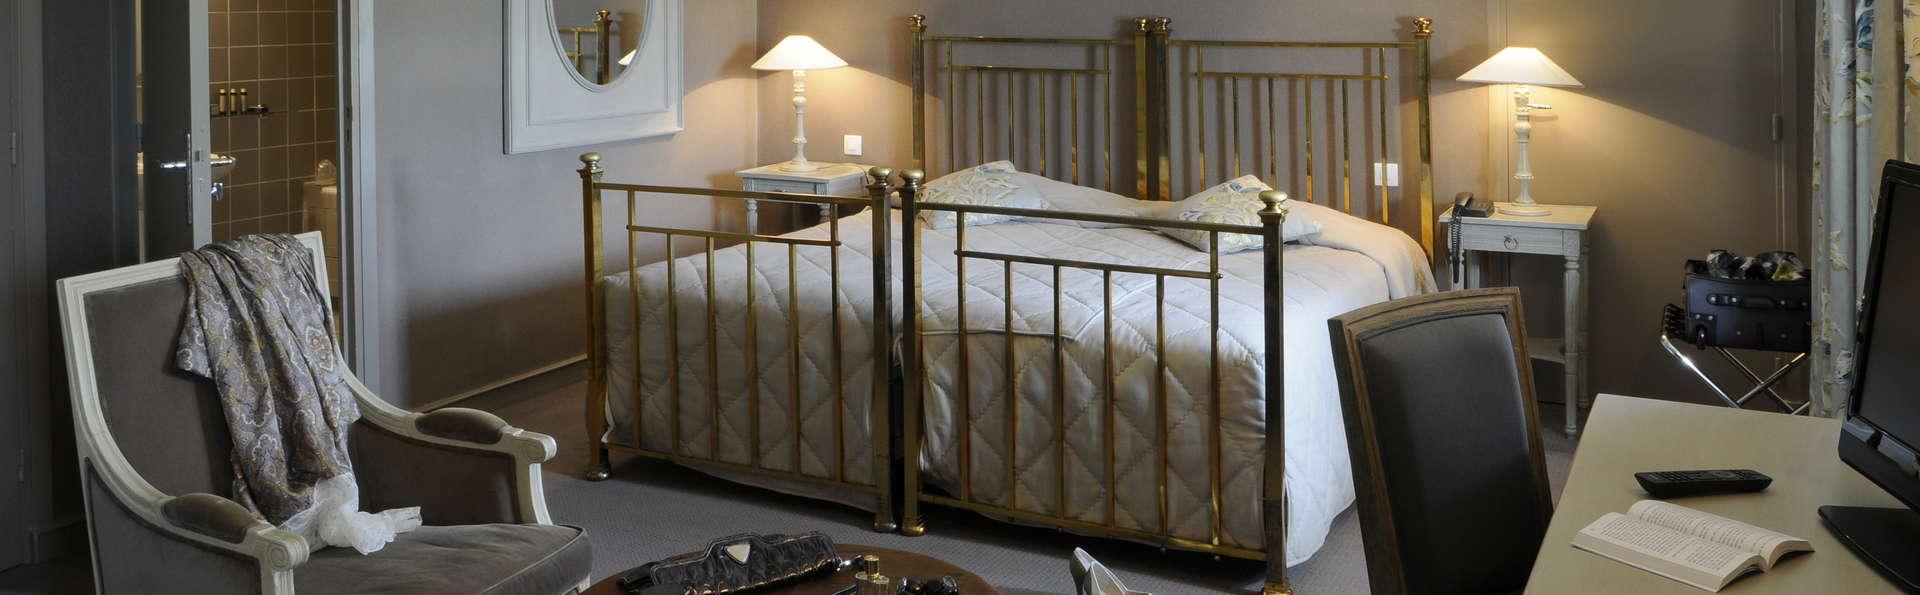 Hôtel Le Splendid - Chatelguyon - chambre double